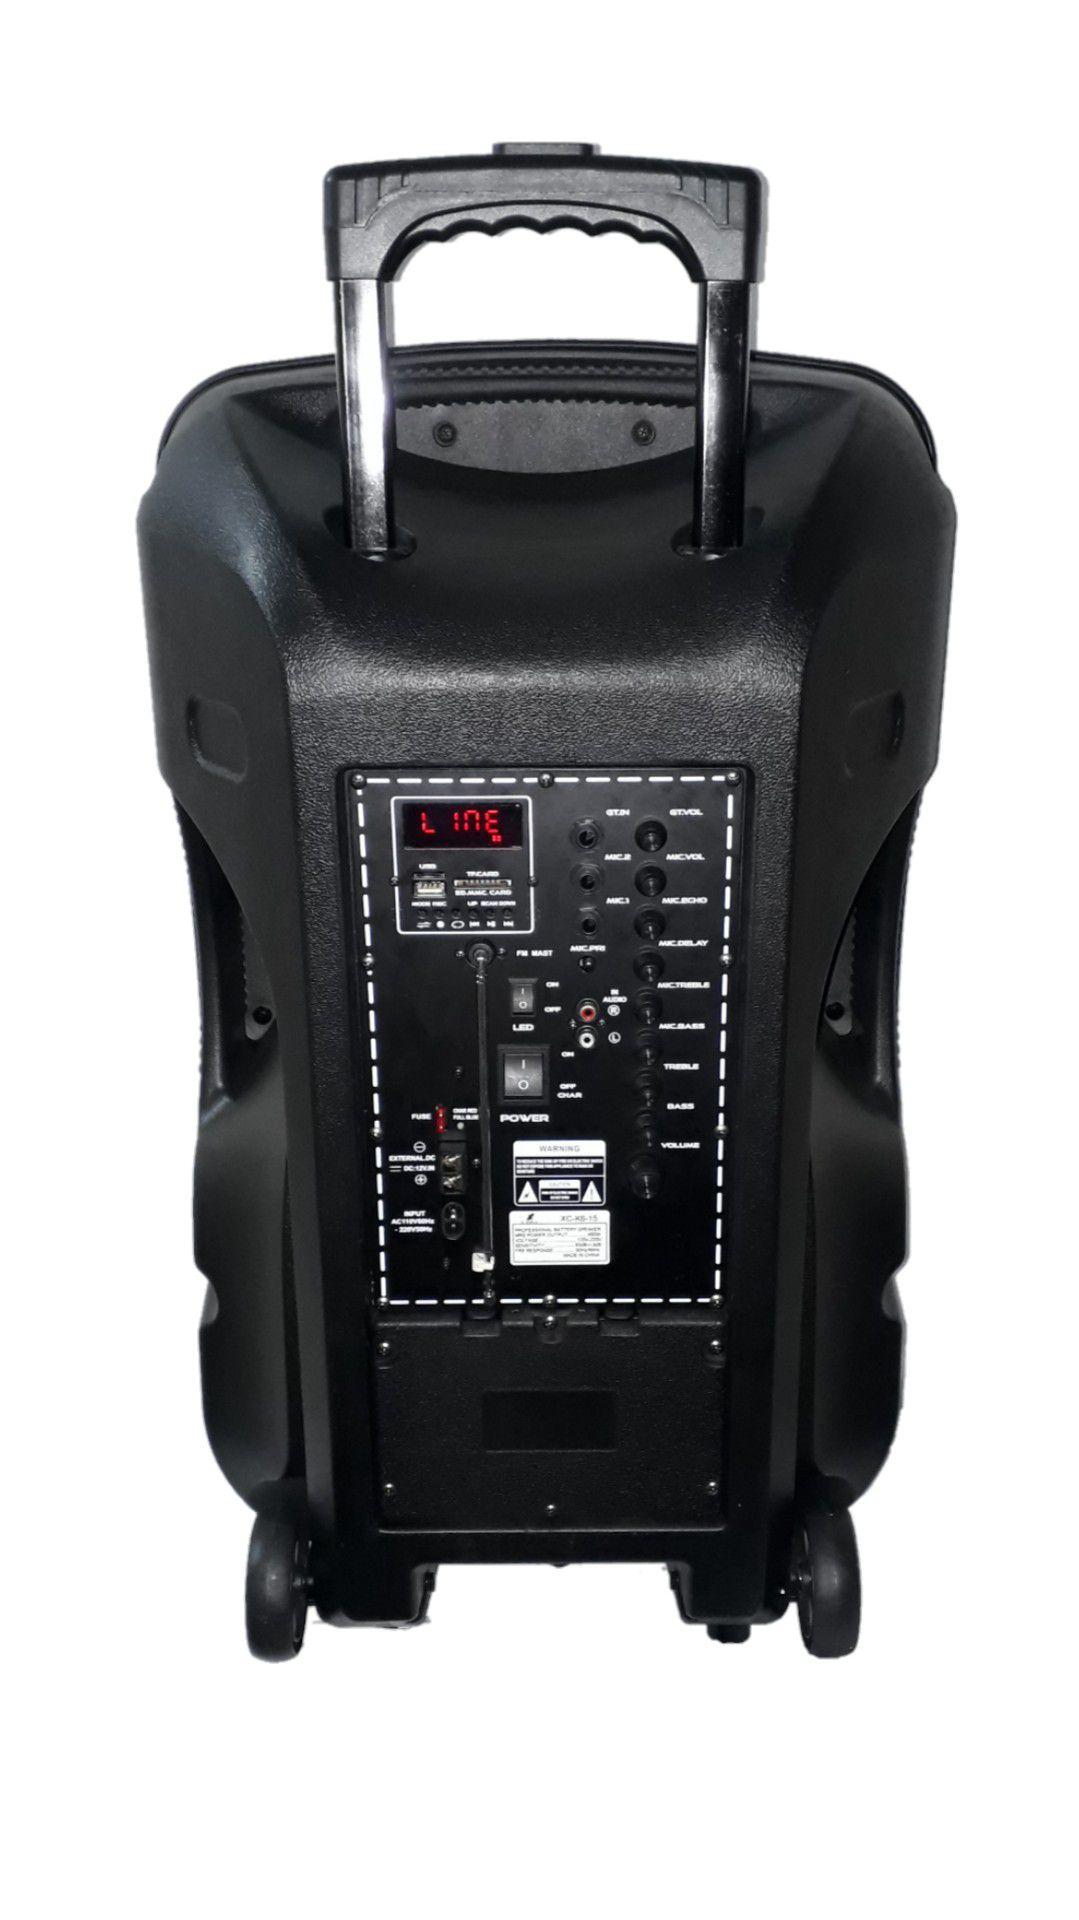 Caixa Amplificada XCELL XCK6-15 Blue.Usb/Sd/Fm,2mic.S/Fio Fal15 Bat12v Roda Ativa C/Cont.Rem. Propaganda